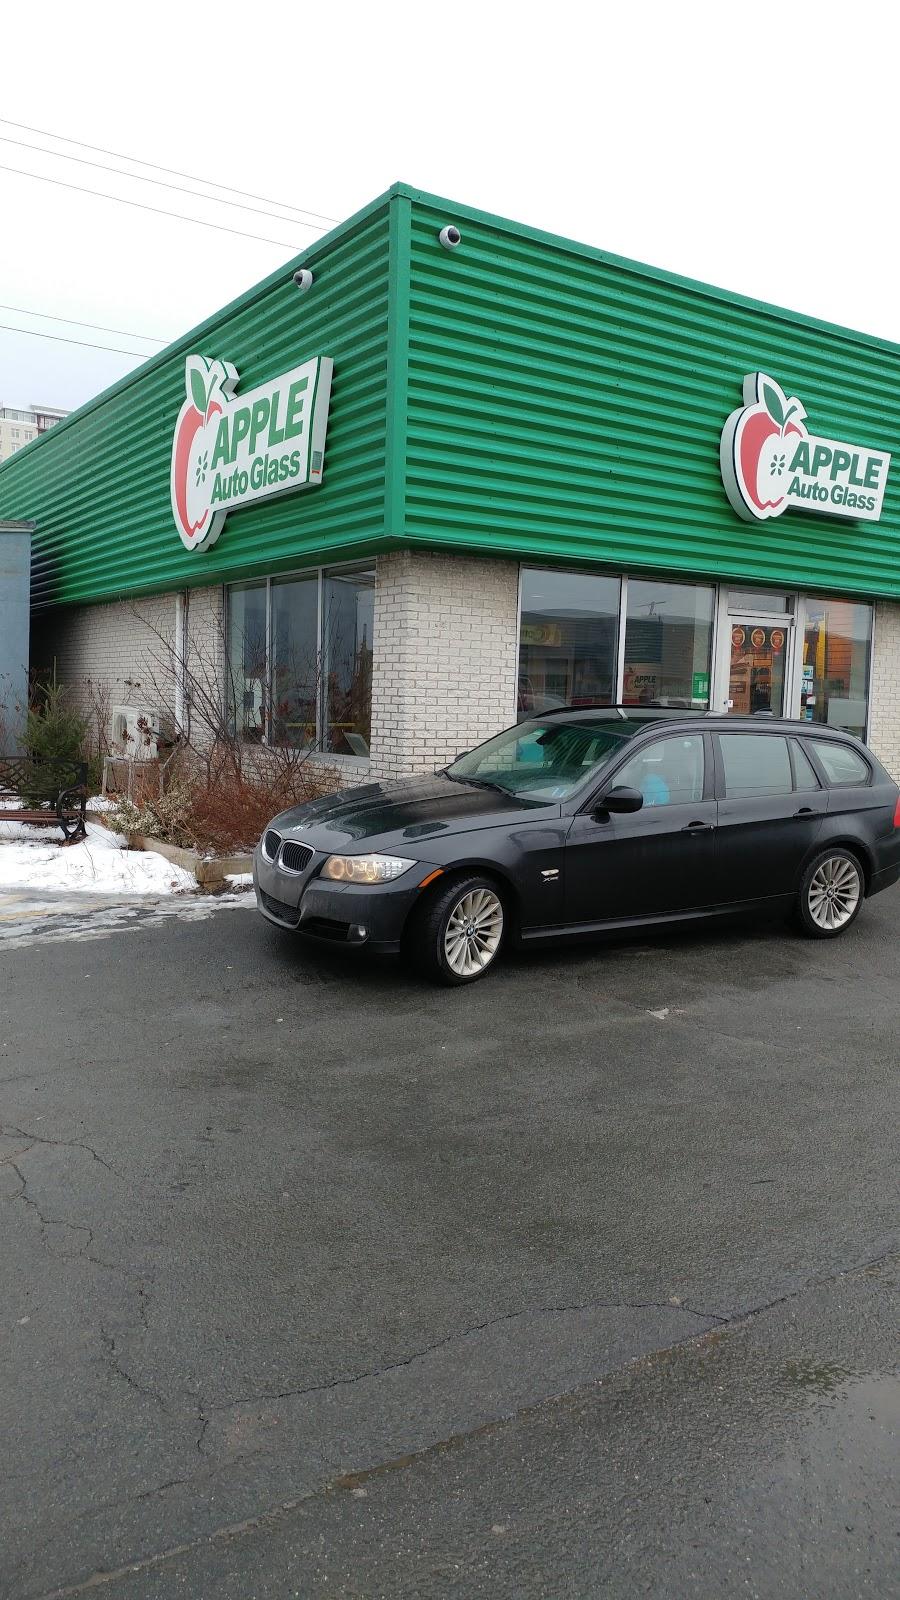 Apple Auto Glass | car repair | 3200 Kempt Rd, Halifax, NS B3K 4X1, Canada | 9024550494 OR +1 902-455-0494